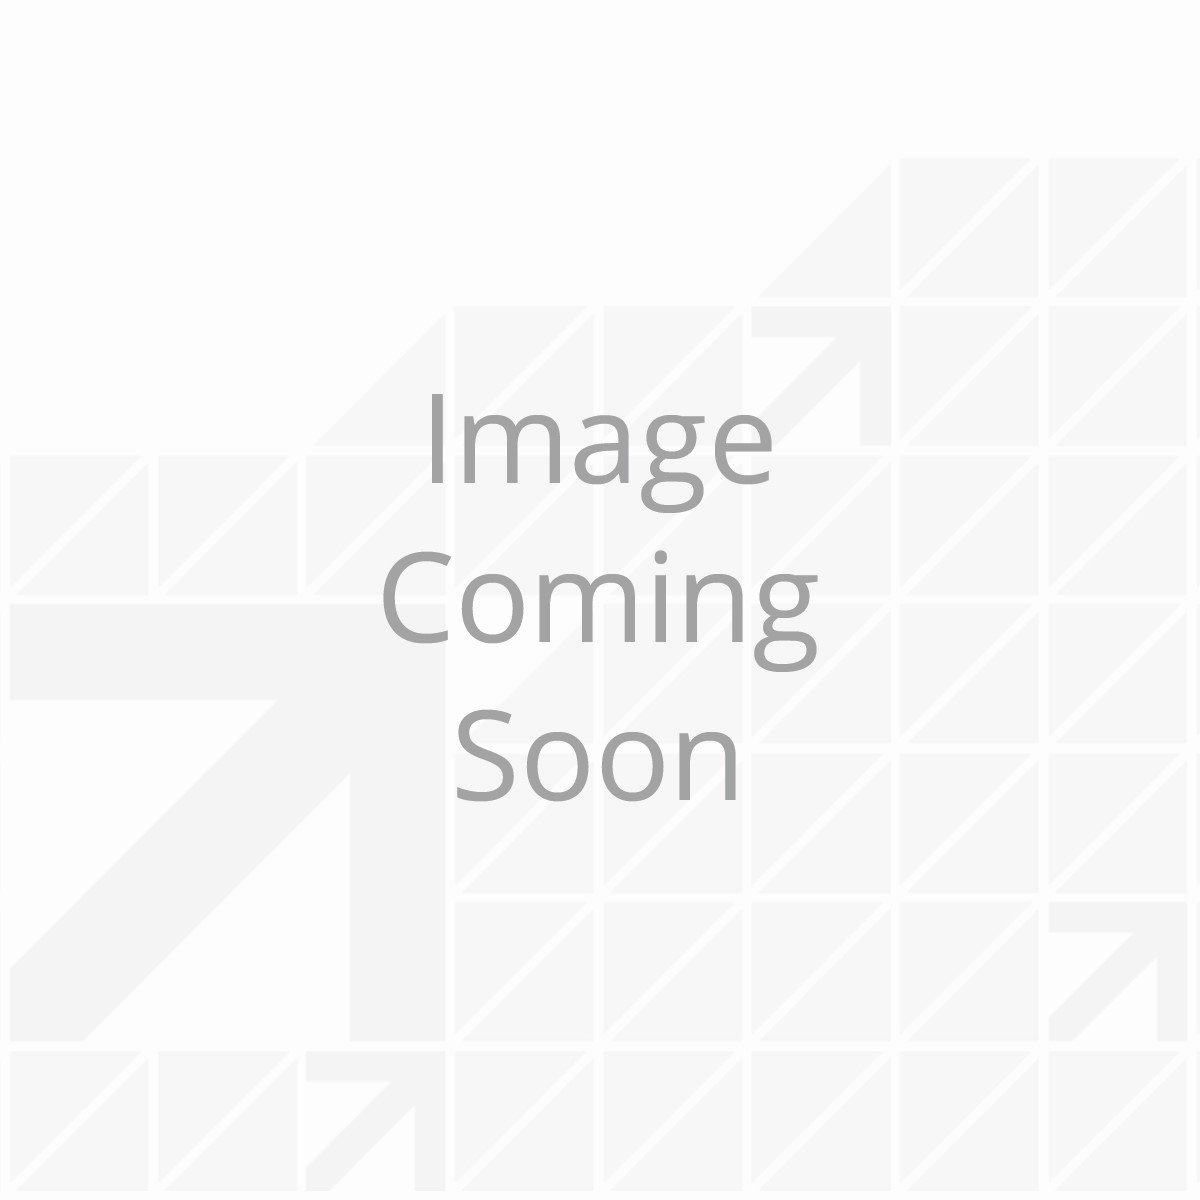 1010 Low VOC Non-Sag Sealant, White (10.3 Oz. Tube)